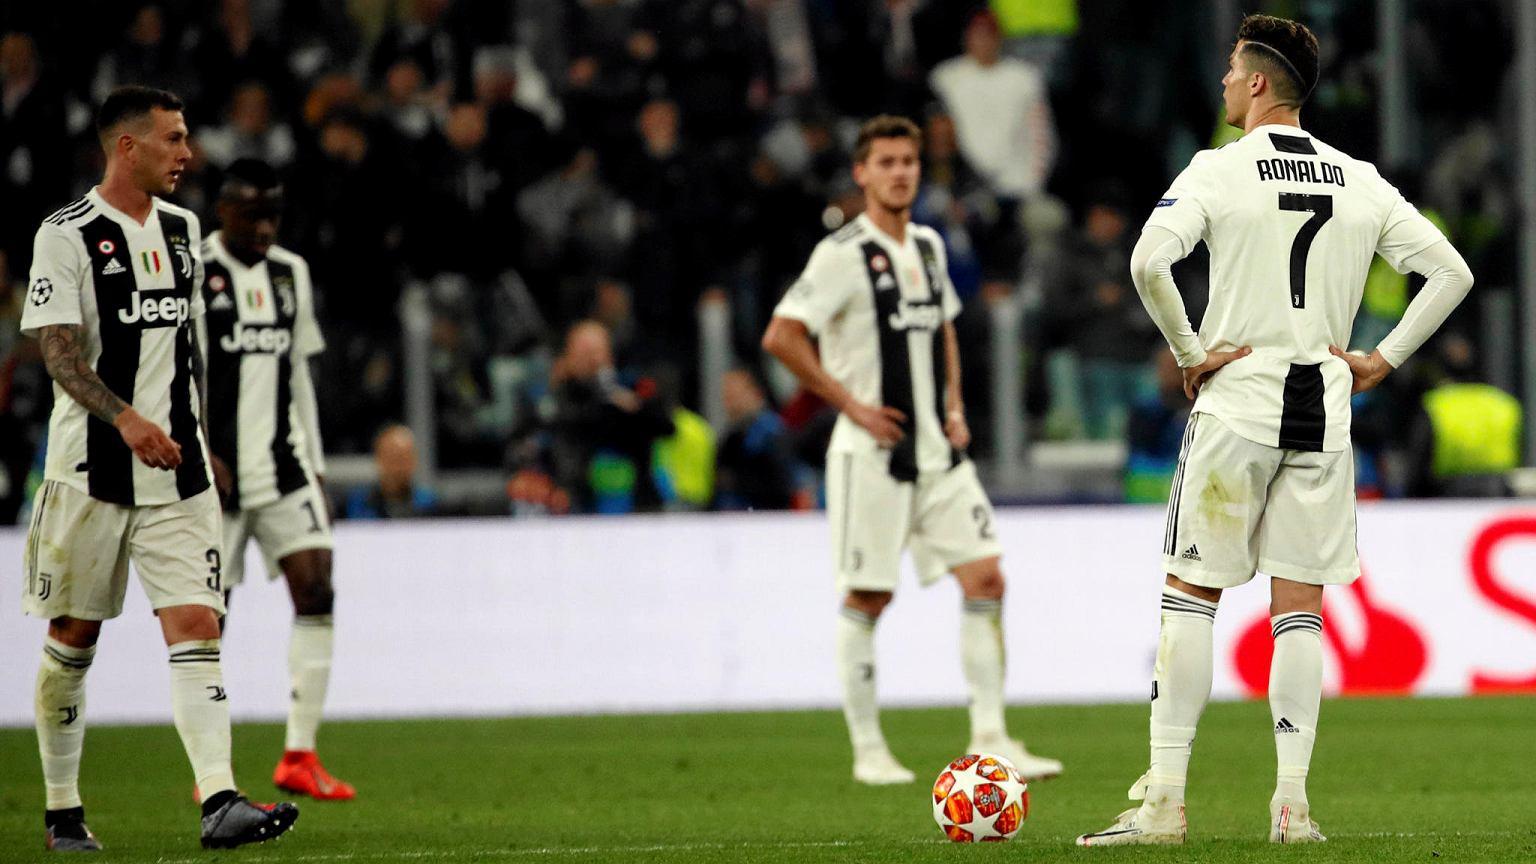 a1105fc4e4c90 Juventus ma zbyt słabych rywali. Dlatego Allegri musi znaleźć odpowiedź na  kluczowe pytanie Piłka nożna - Sport.pl